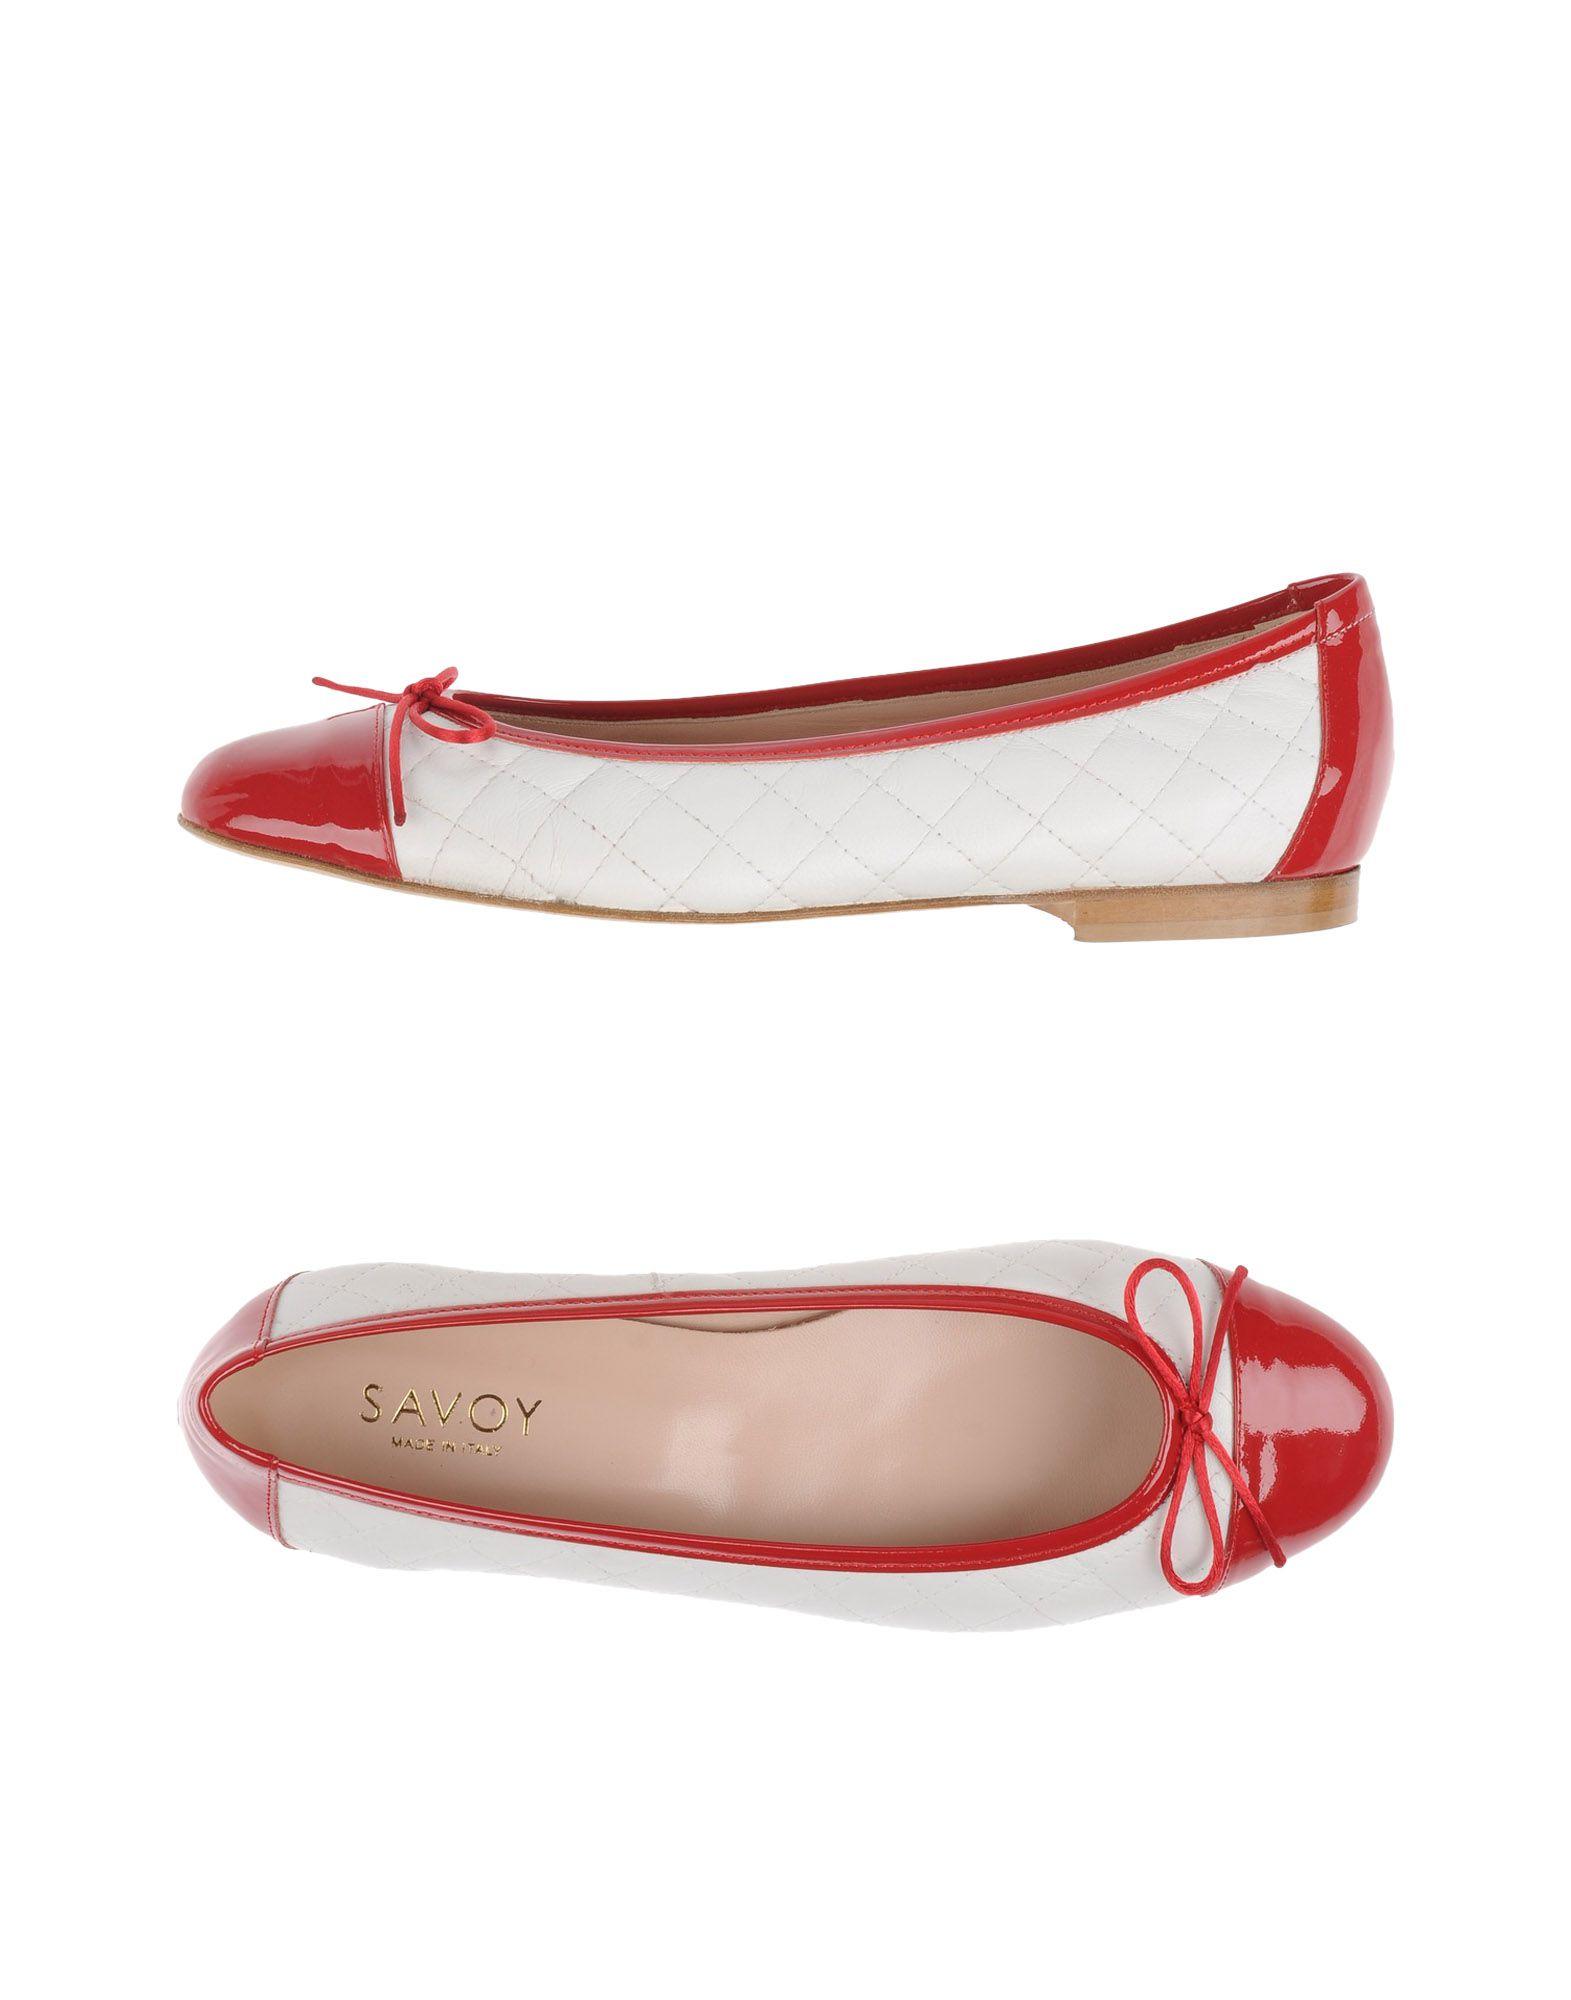 Moda Ballerine Savoy Donna - 11208481EE